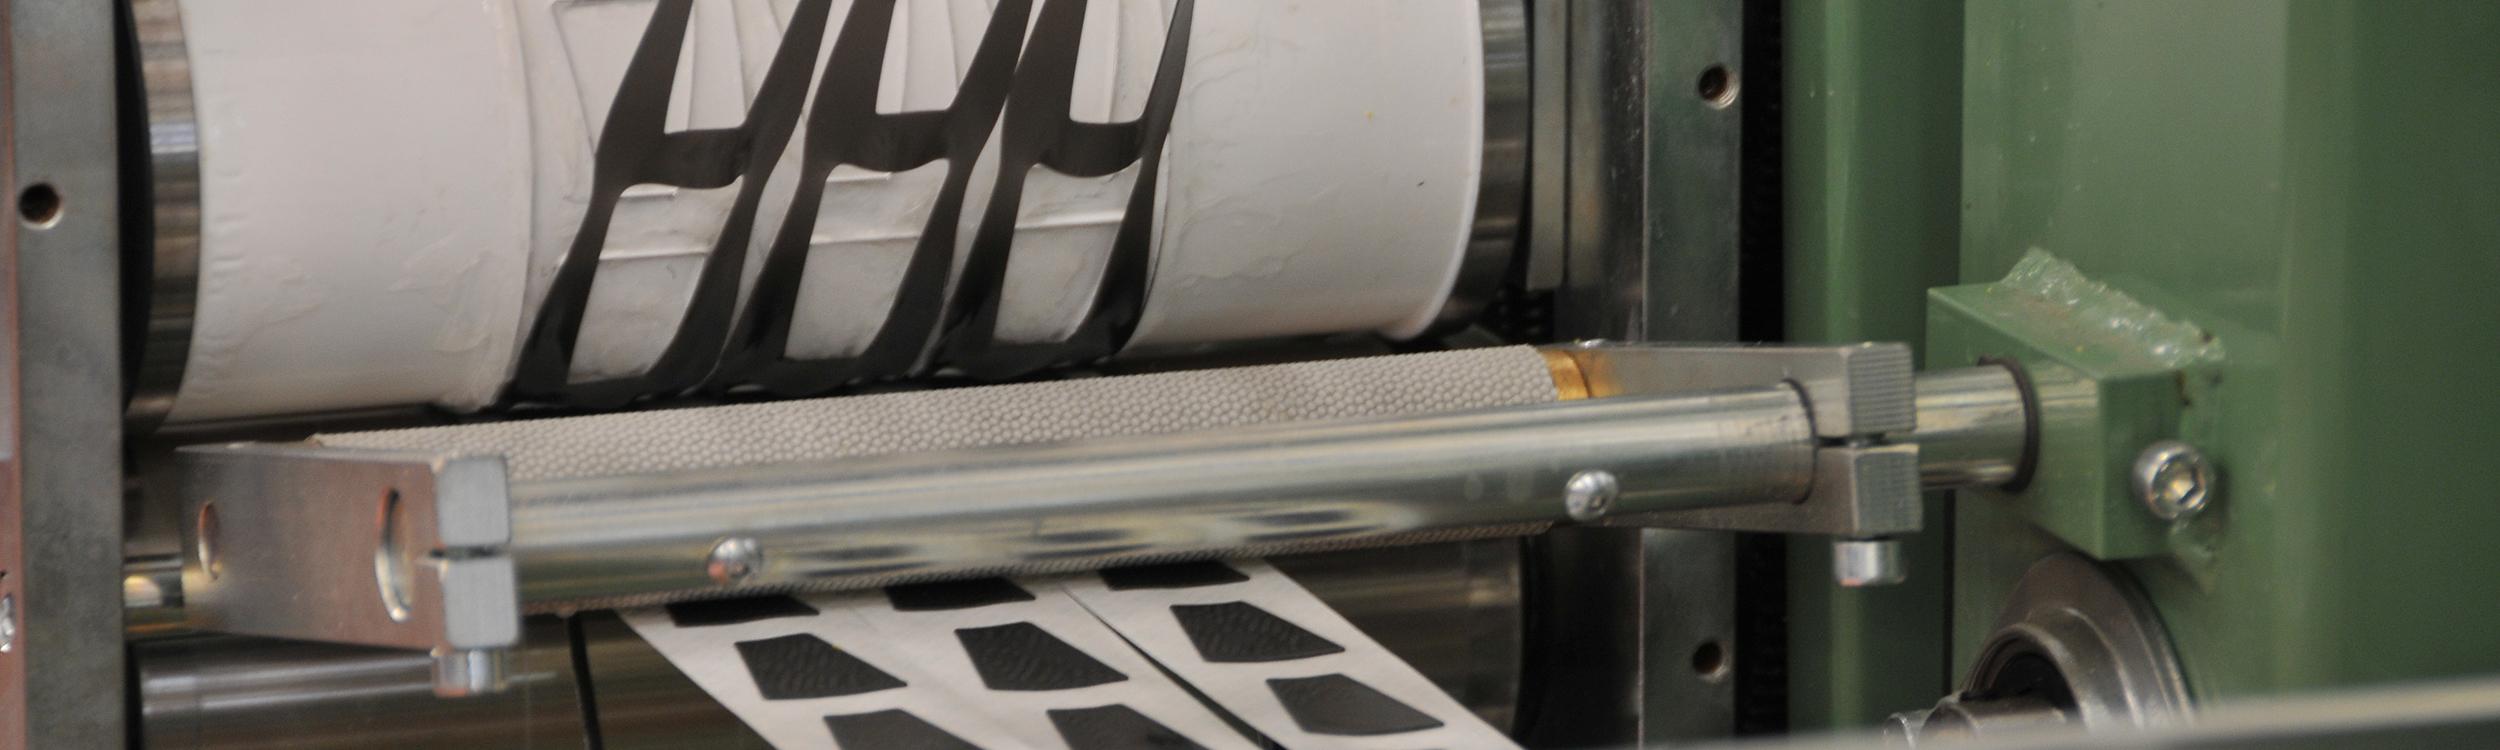 Adesivo Per Vetrai tecnologie adesive - ari di villa